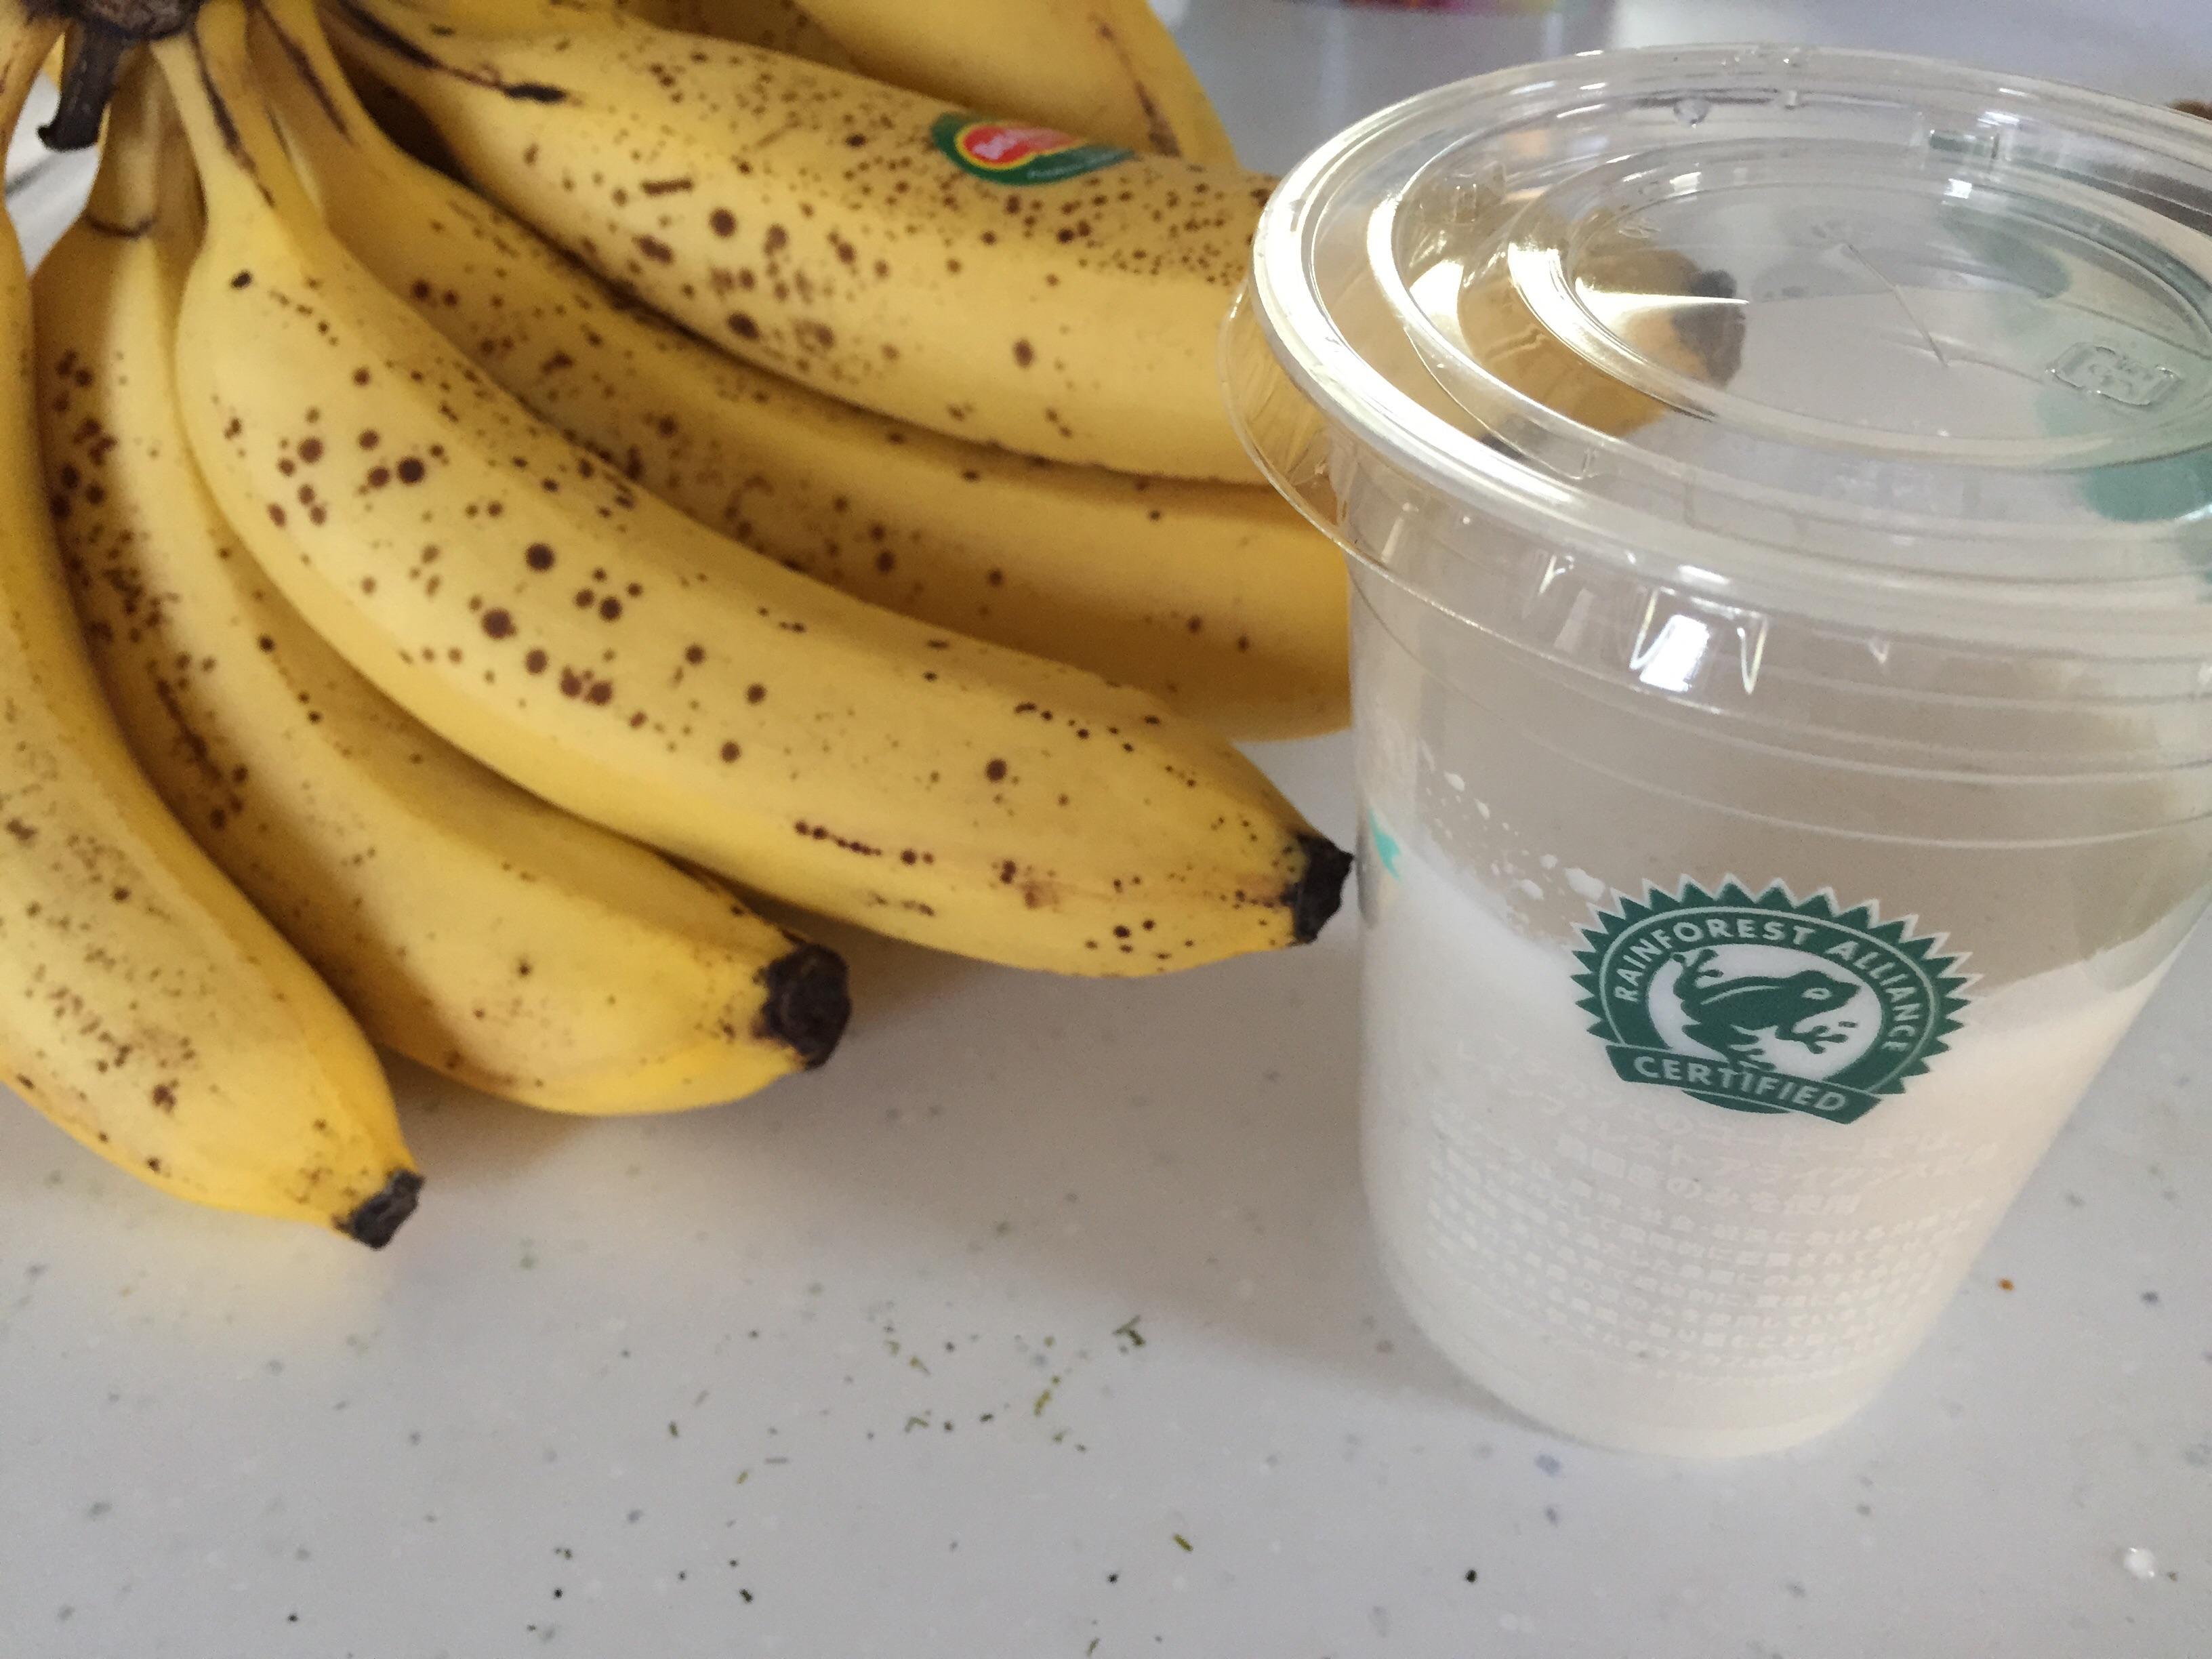 朝が苦手の息子の為に特売のバナナでバナナジュース